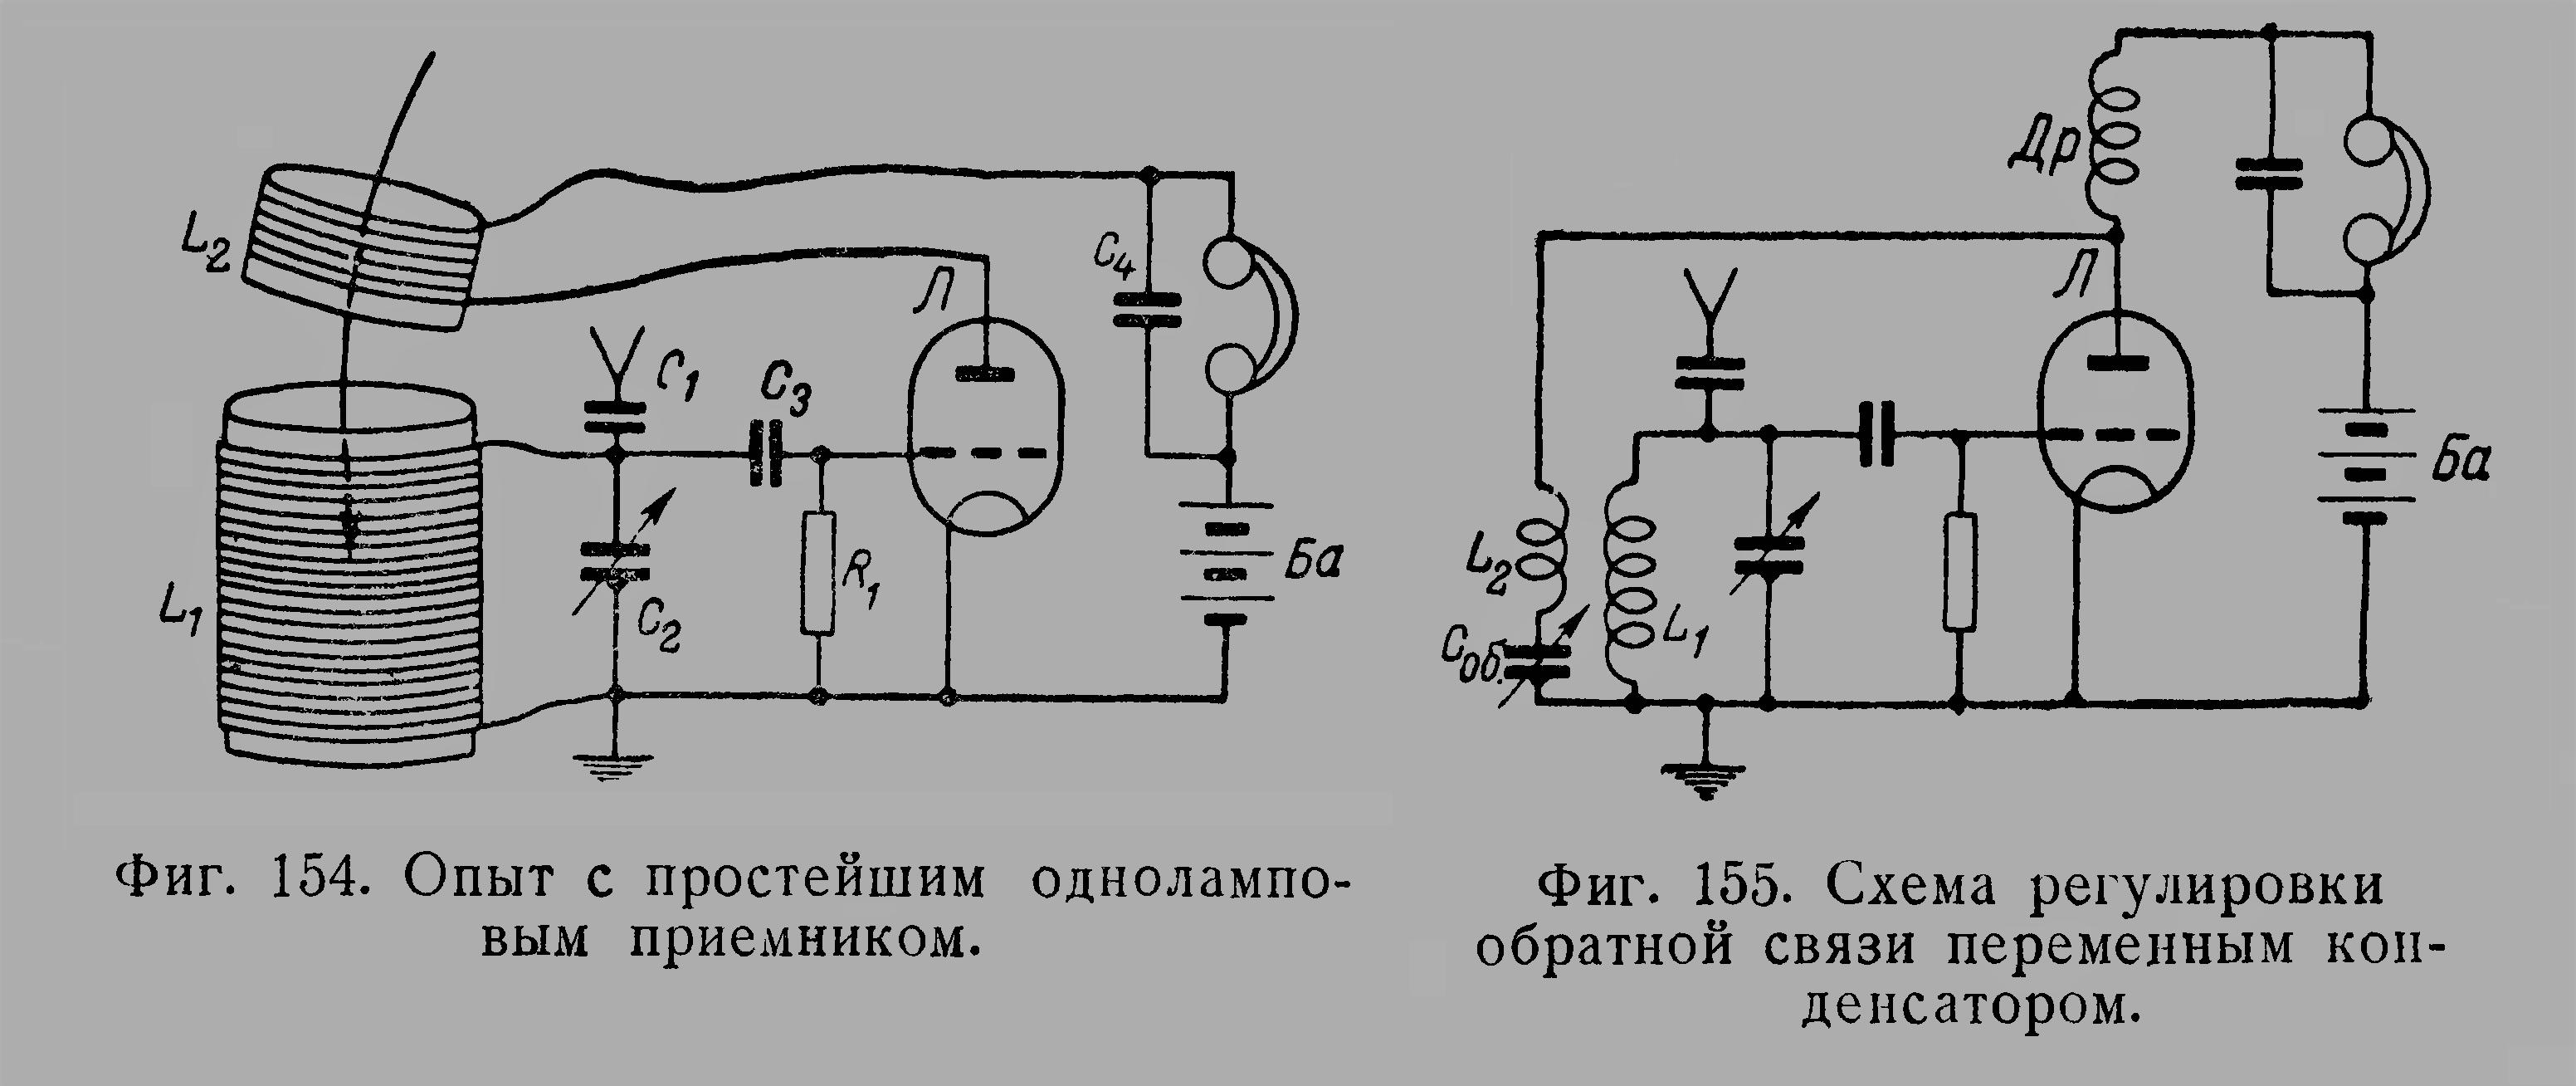 Джон Рейнарц и его легендарный радиоприёмник - 4